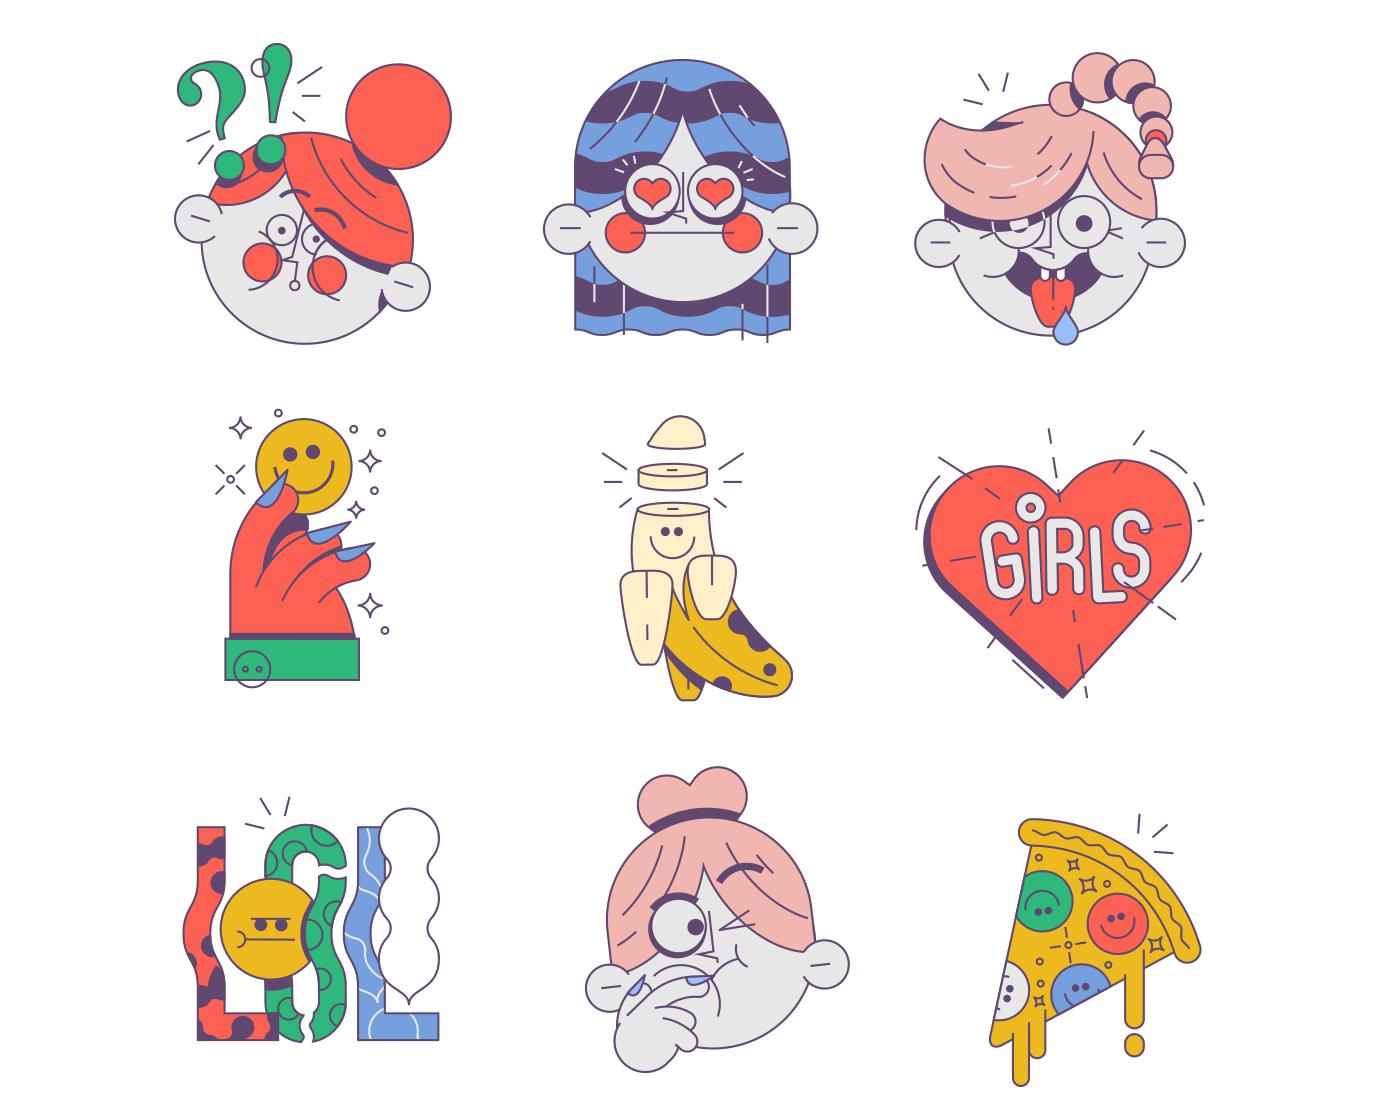 Go Girl For Stickerace On Behance